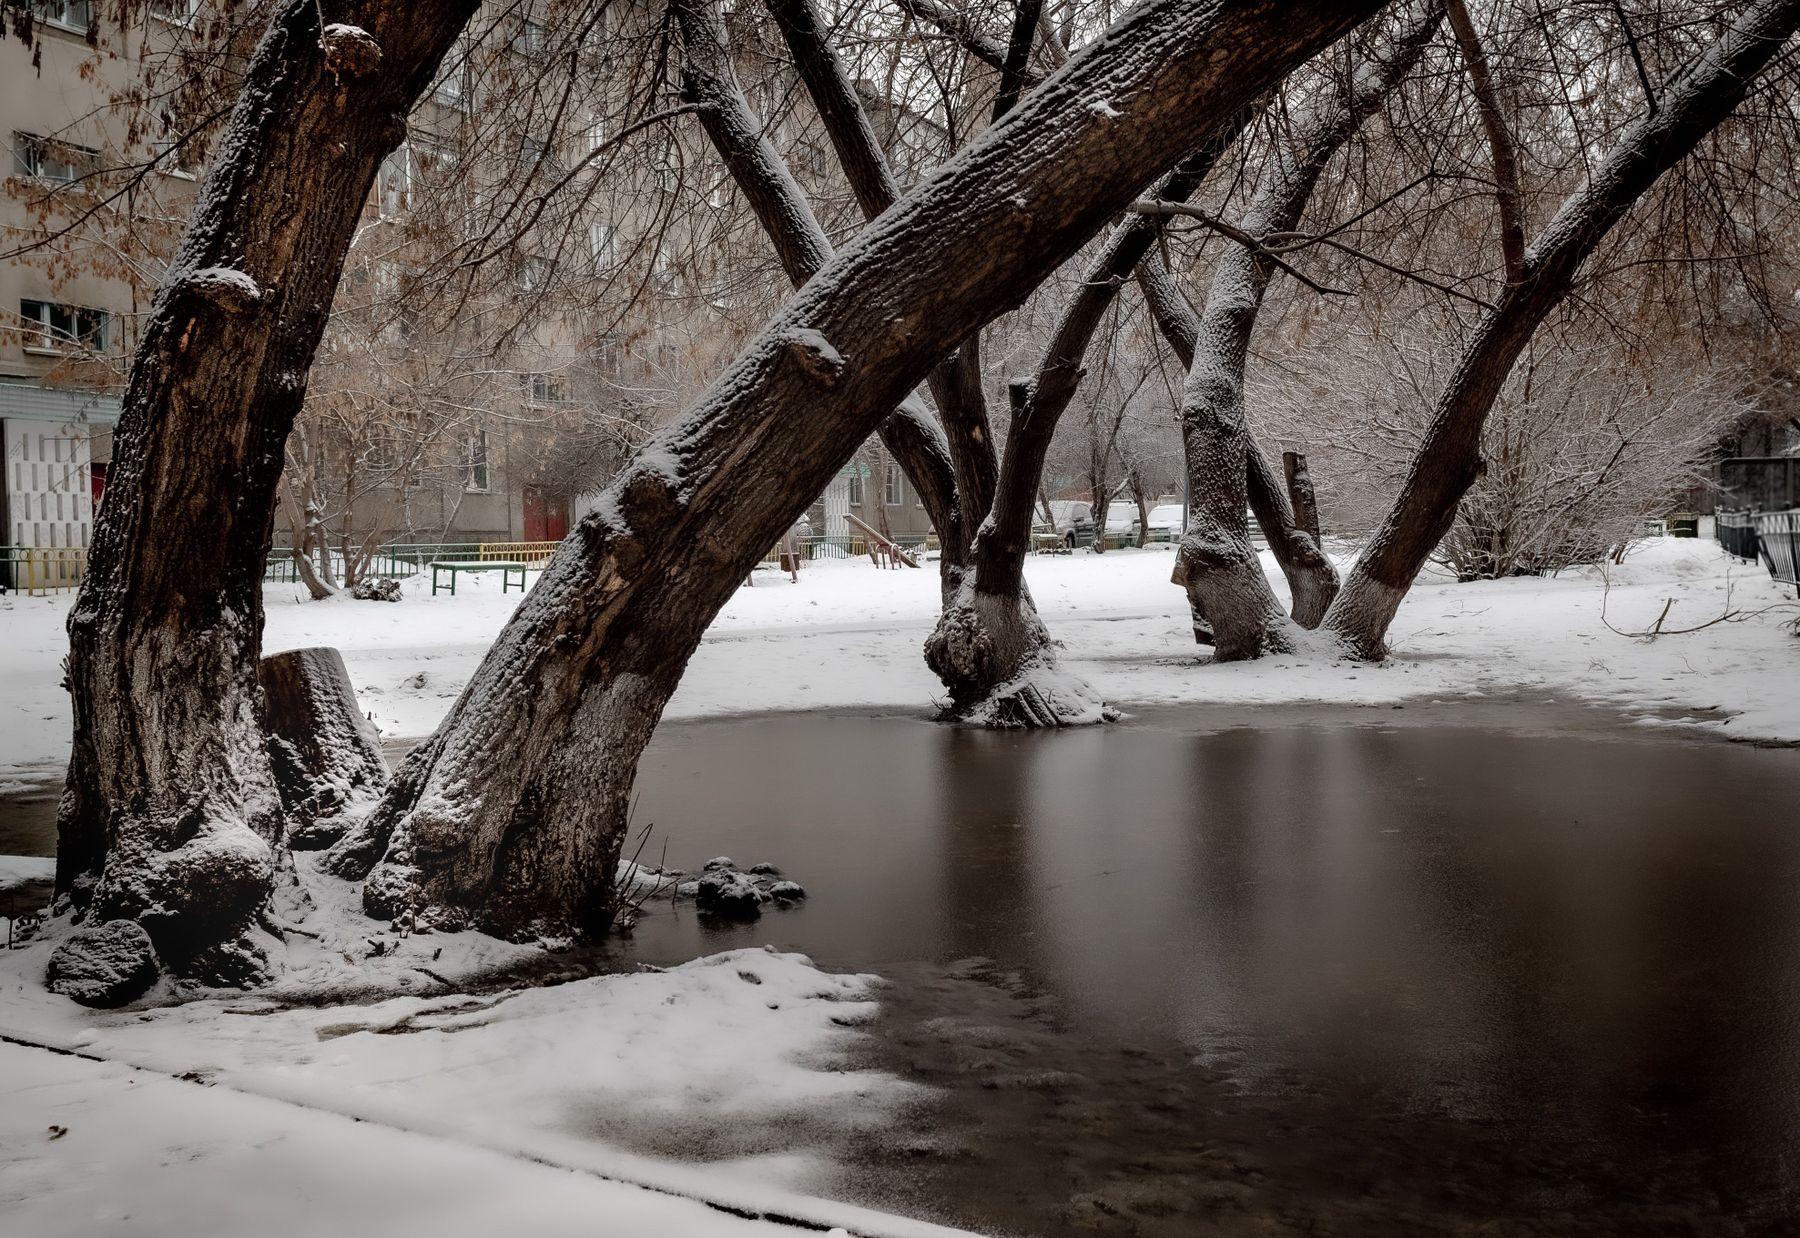 Оттепель. Город деревья снег лужа